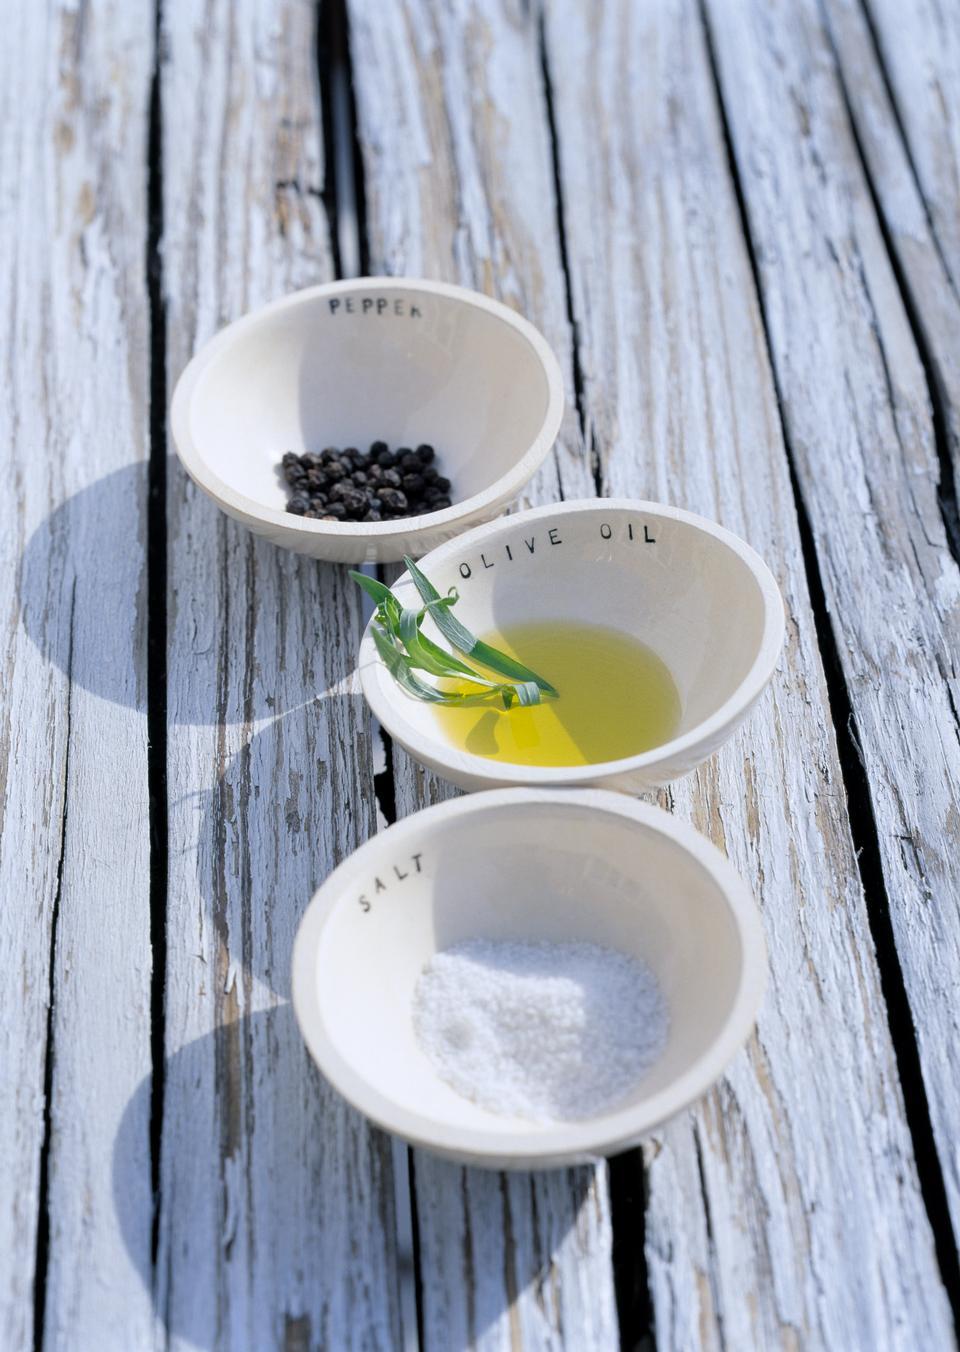 테이블에 흰색 그릇, 향신료와 올리브 오일의 충전